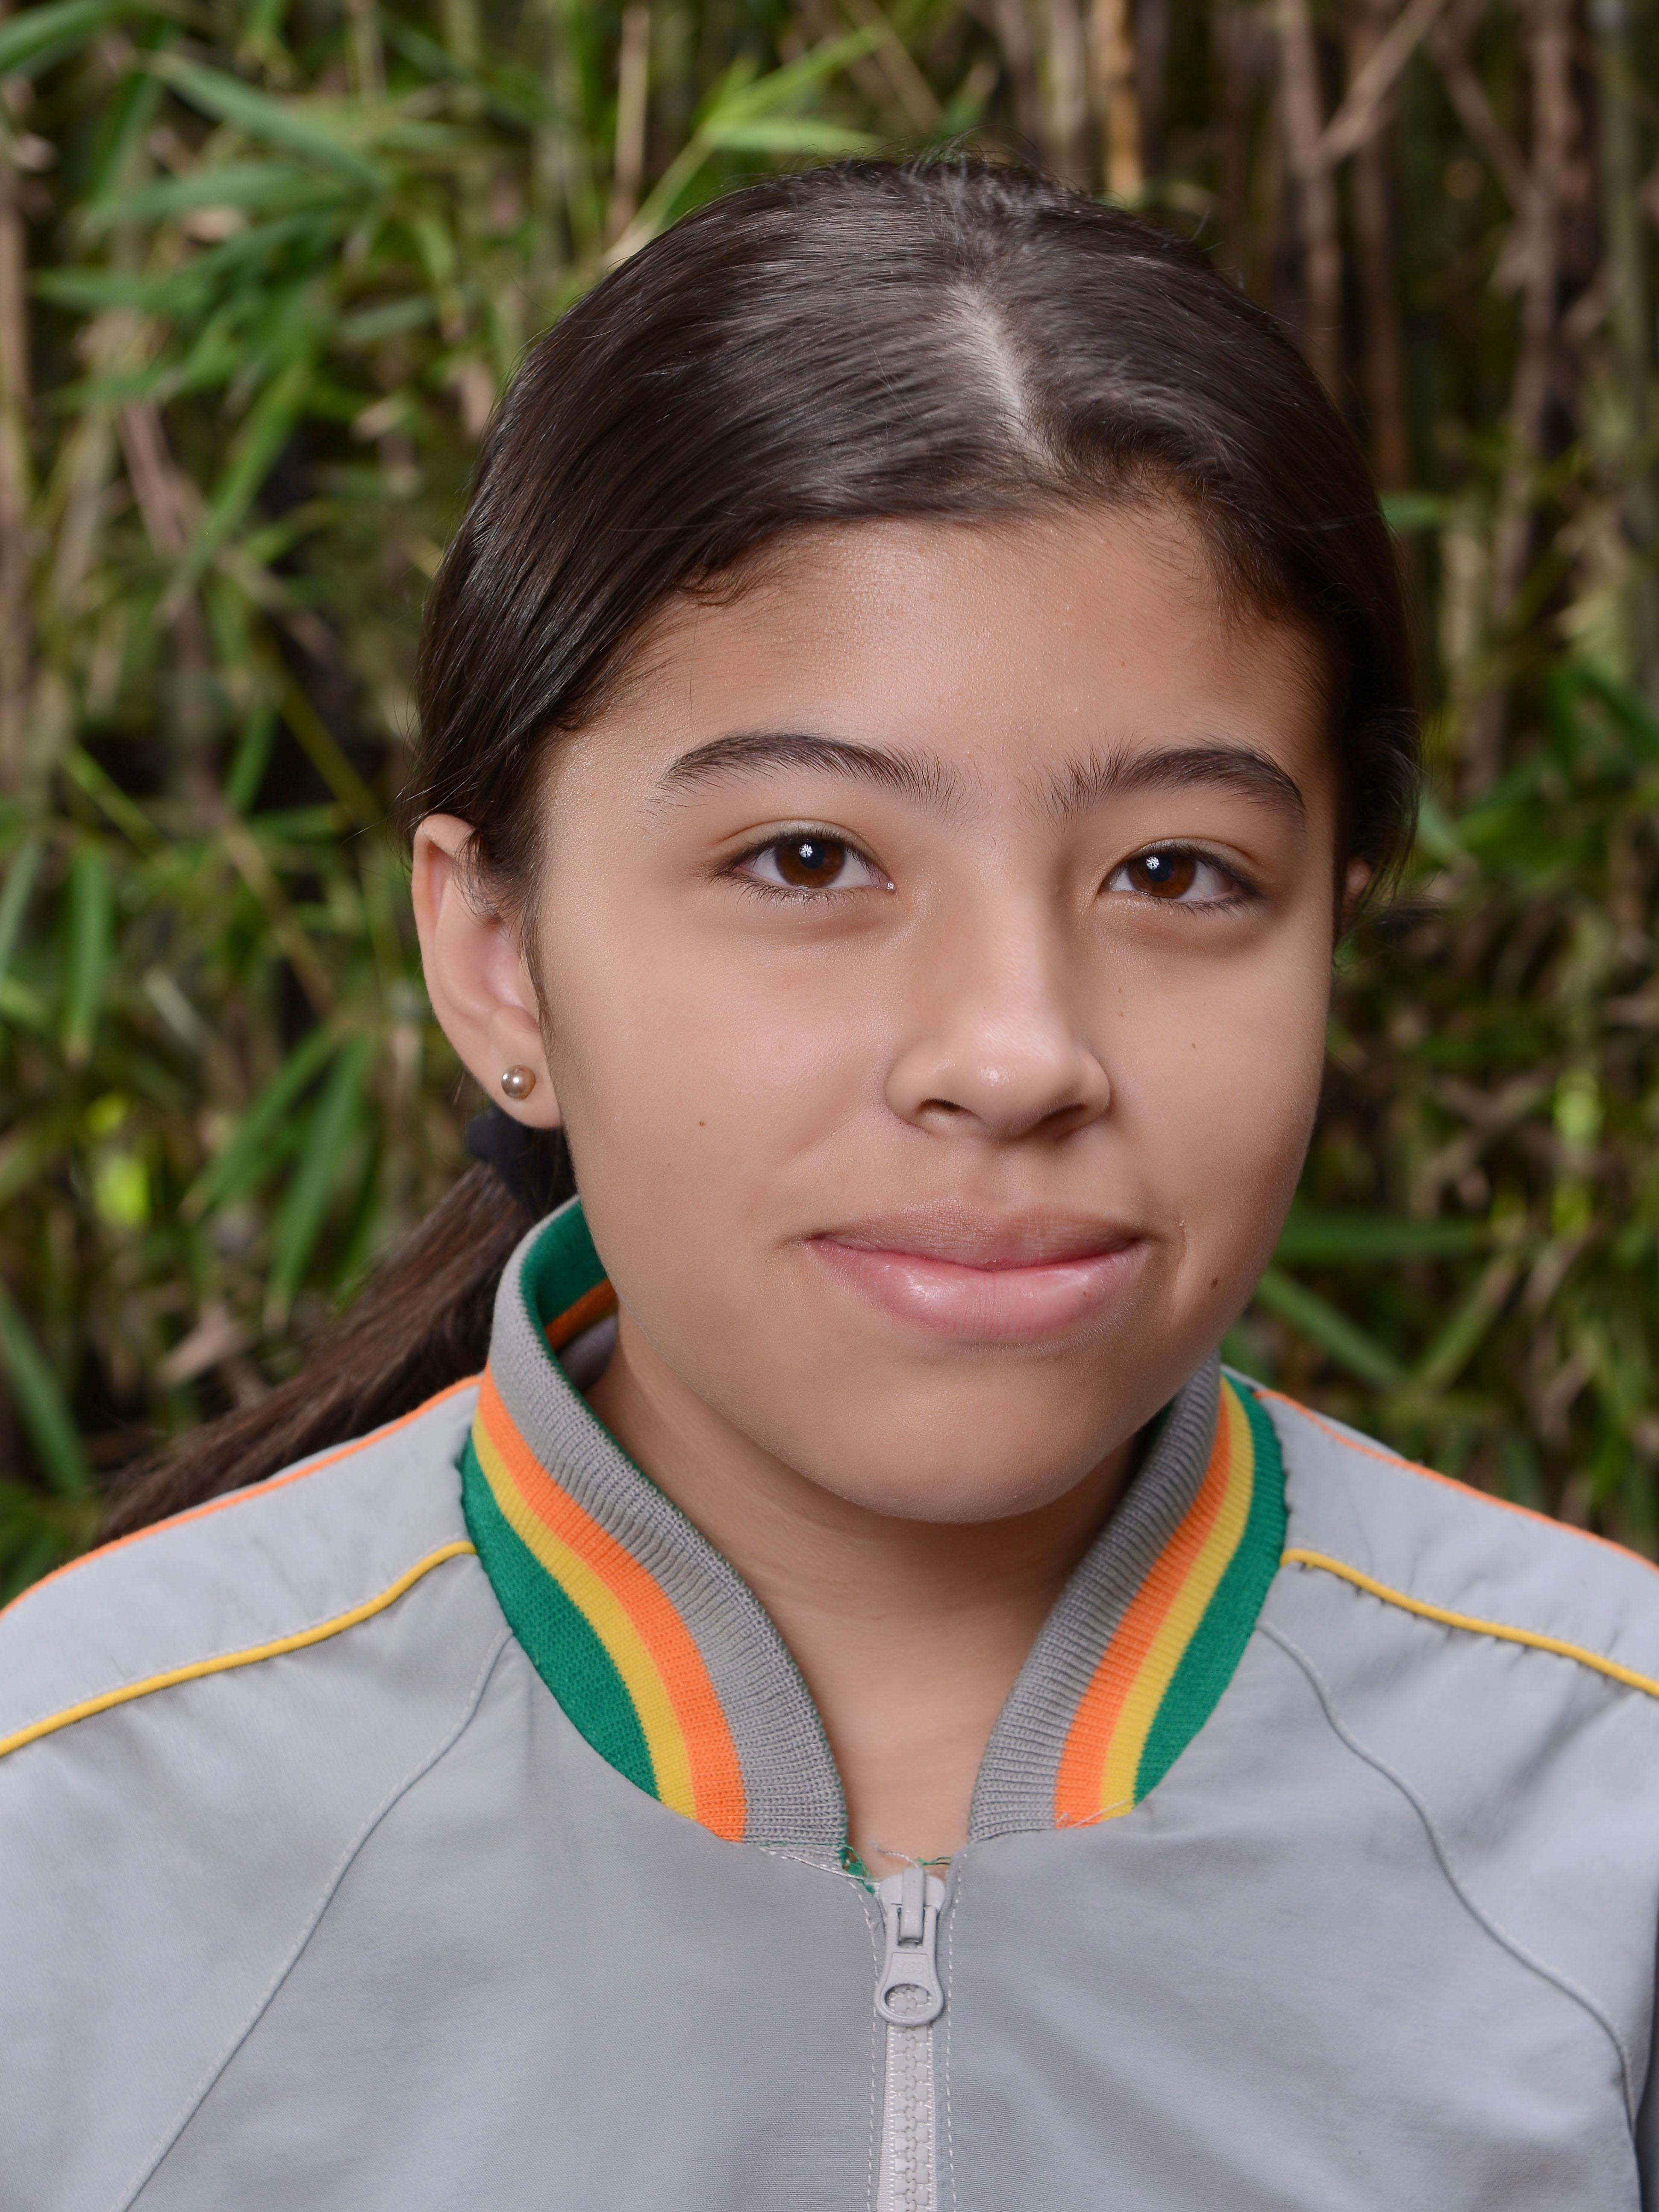 Bedoya Zuluaga Mariana.jpg